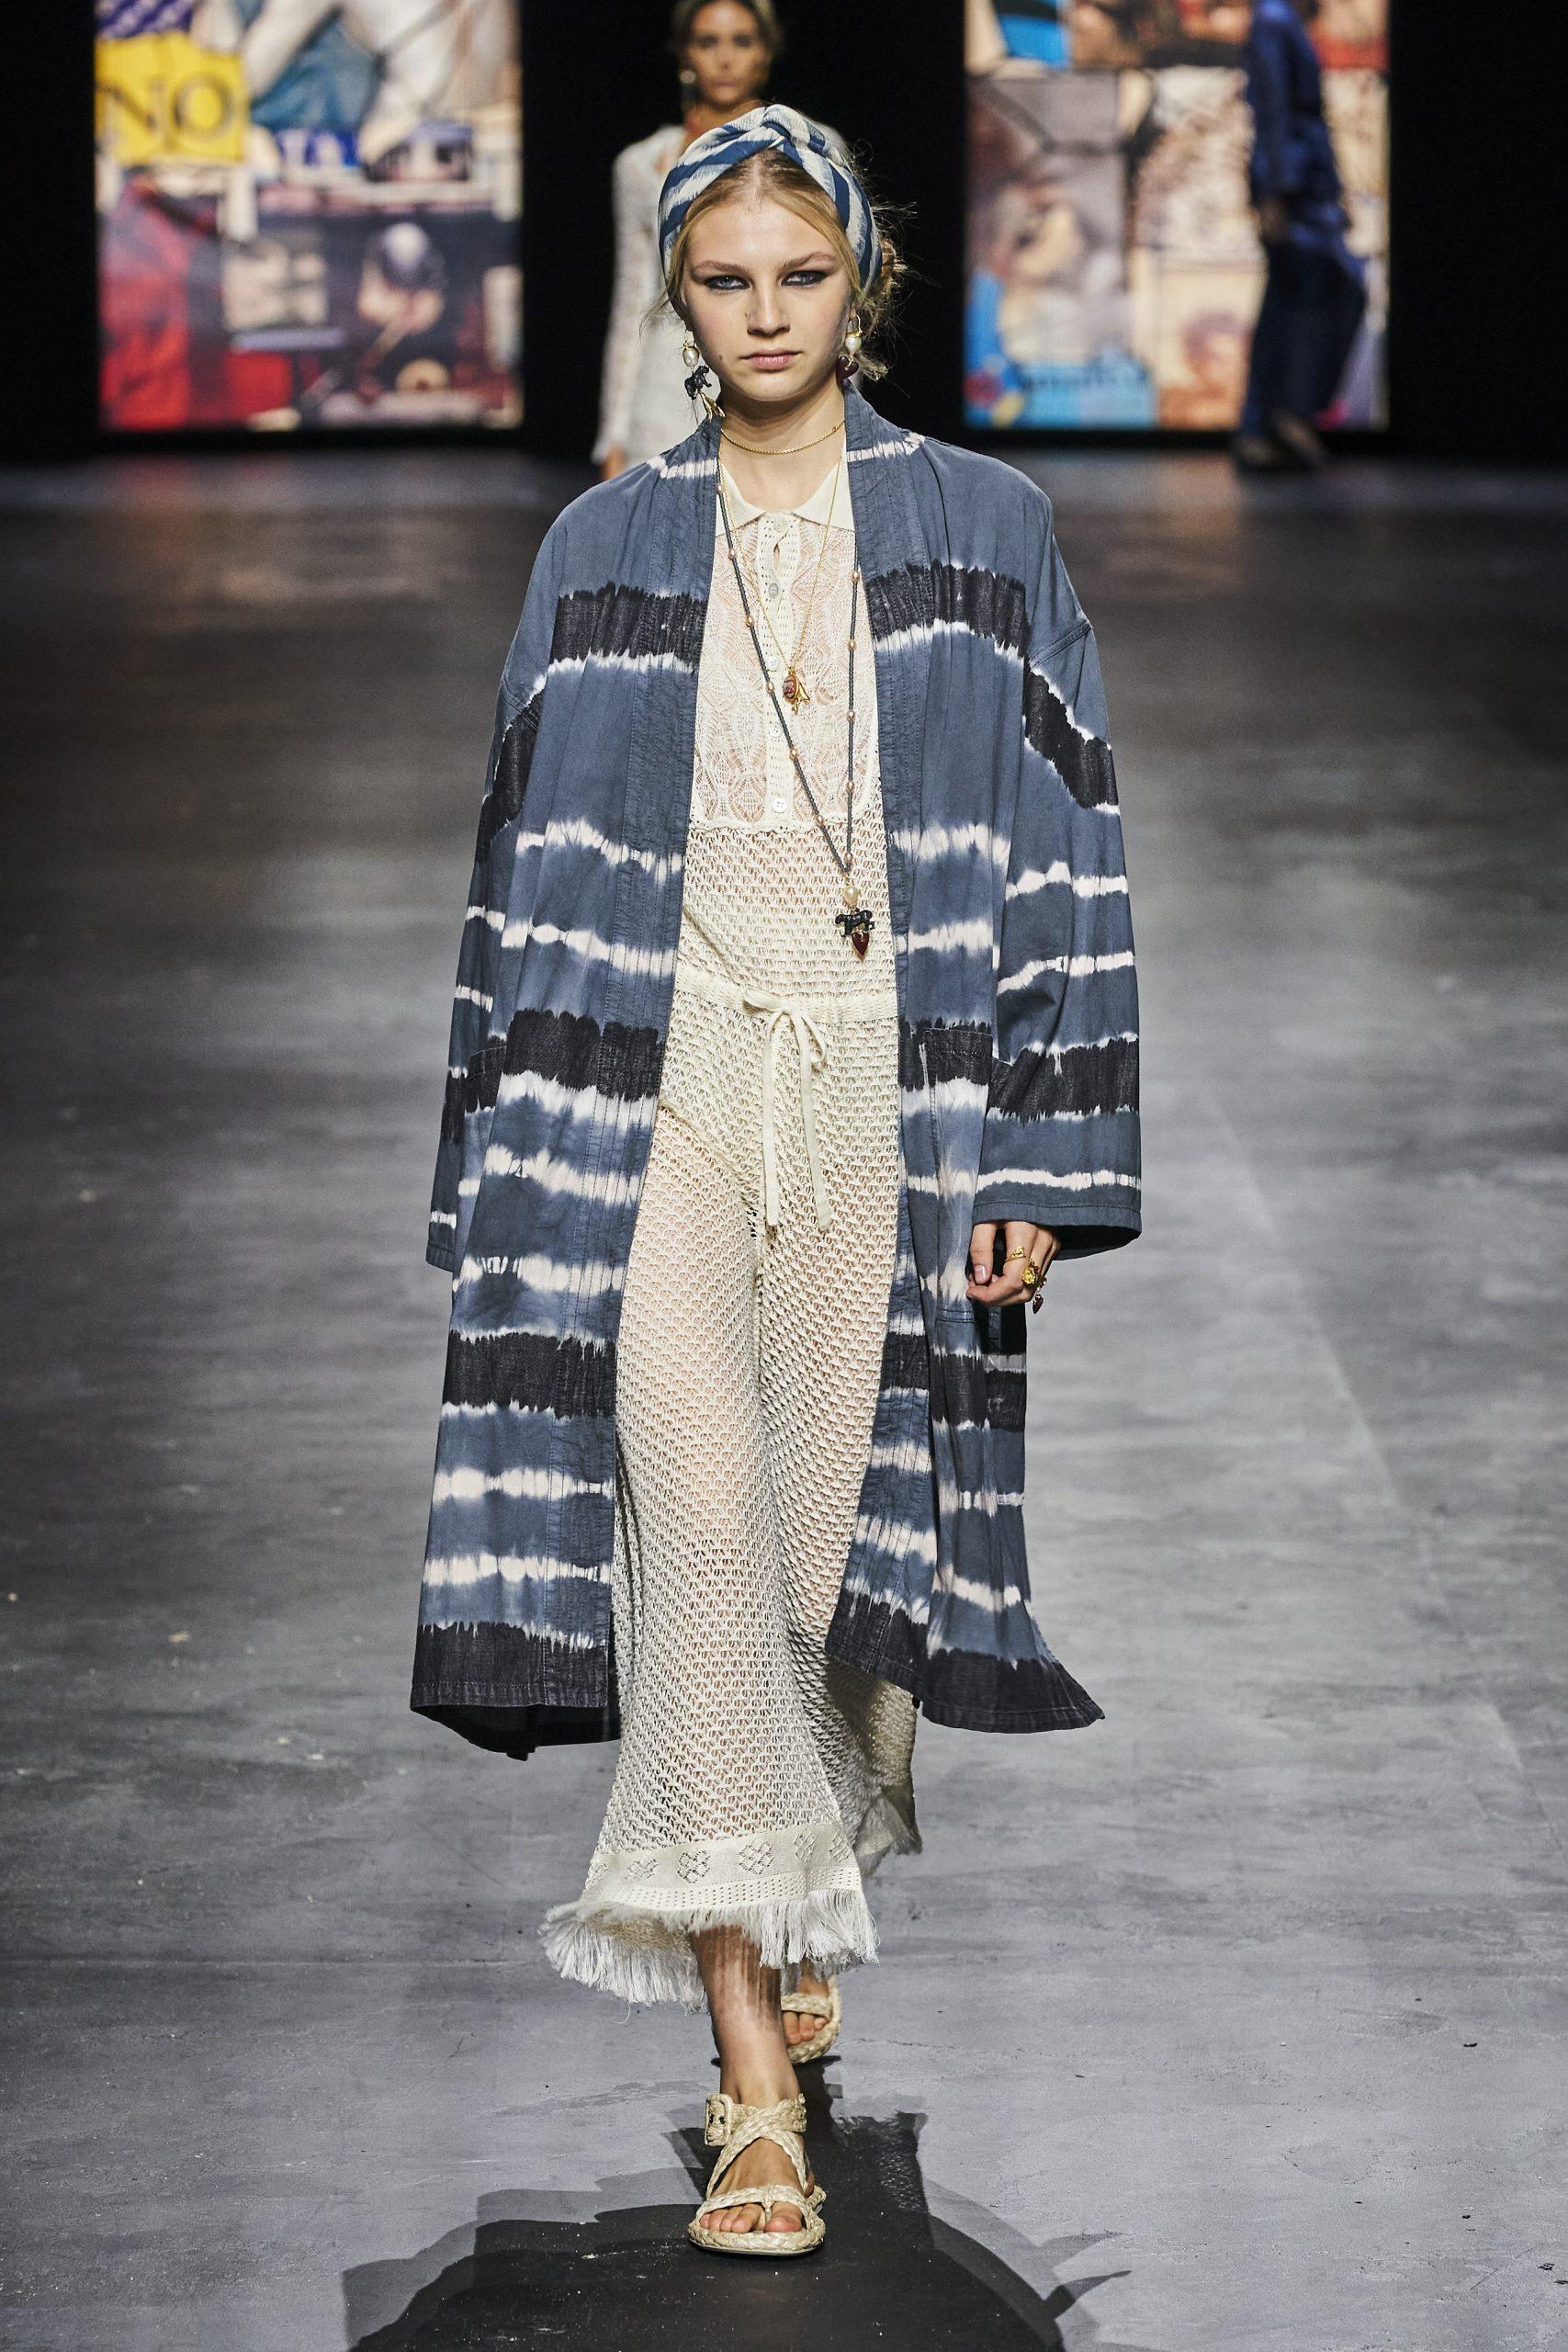 16. kép: Párizsi divathét - Christian Dior - 2021 tavasz-nyár - ready to wear